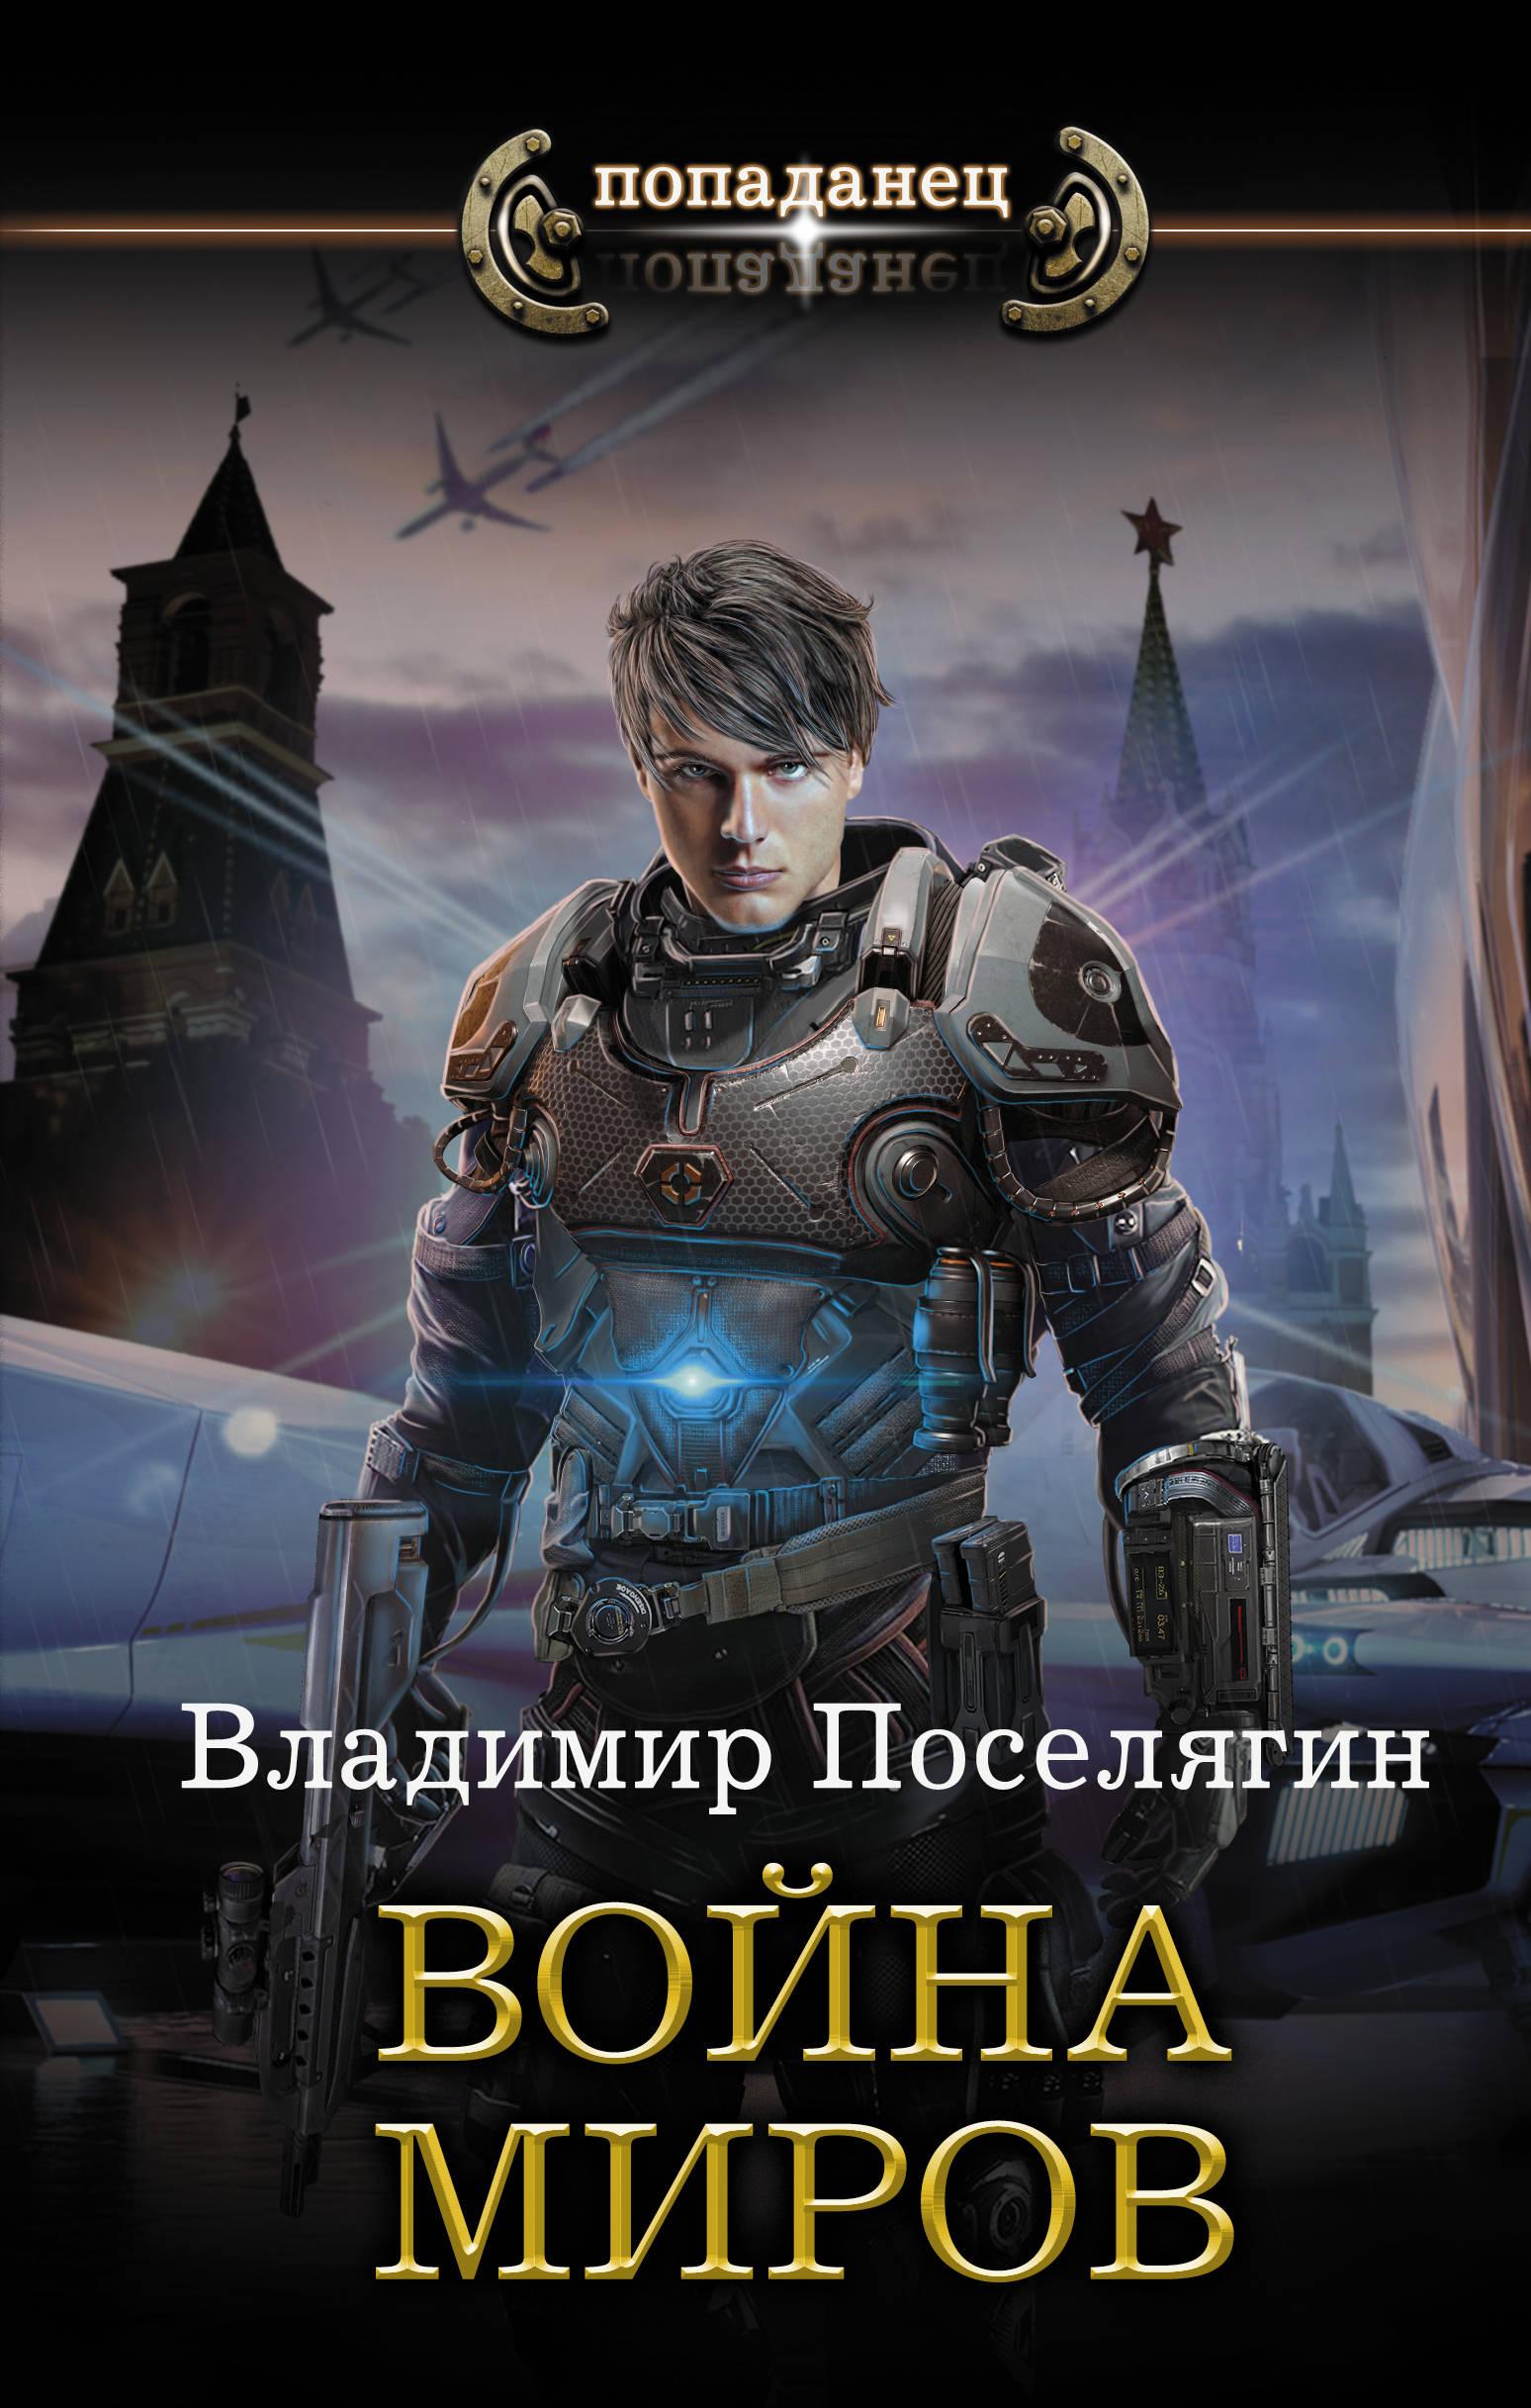 Владимир Поселягин «Война миров»